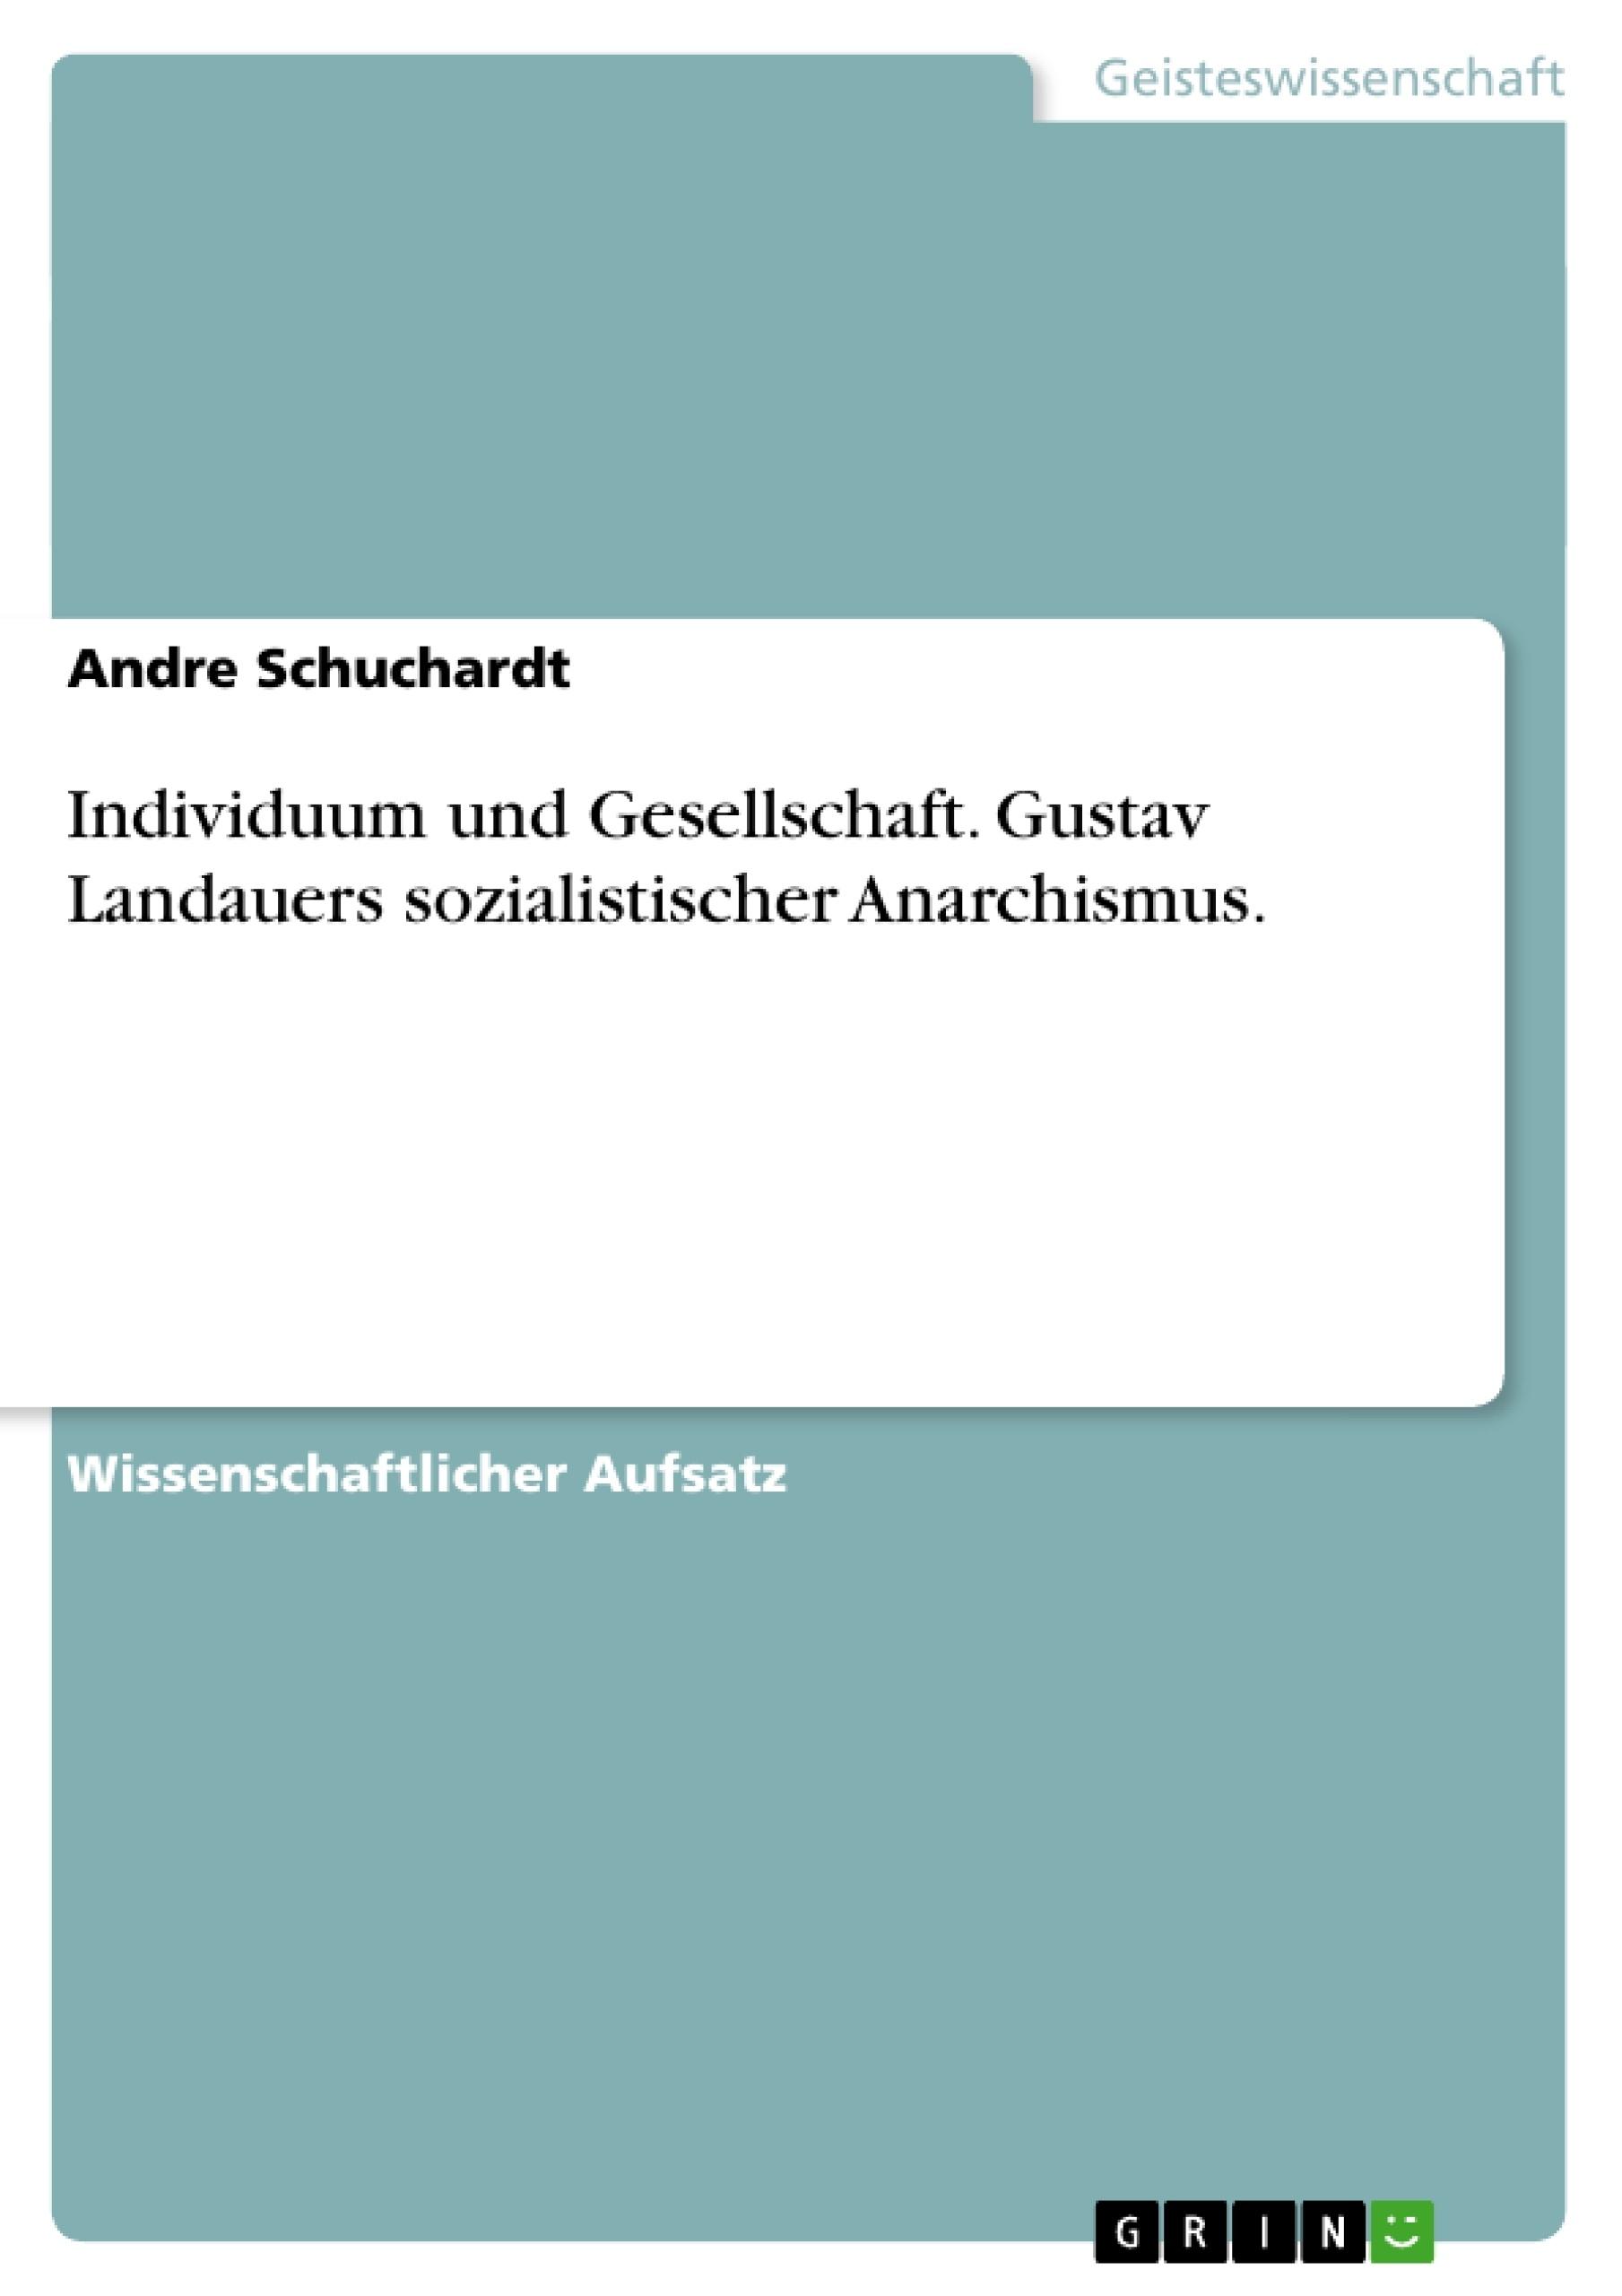 Titel: Individuum und Gesellschaft. Gustav Landauers sozialistischer Anarchismus.